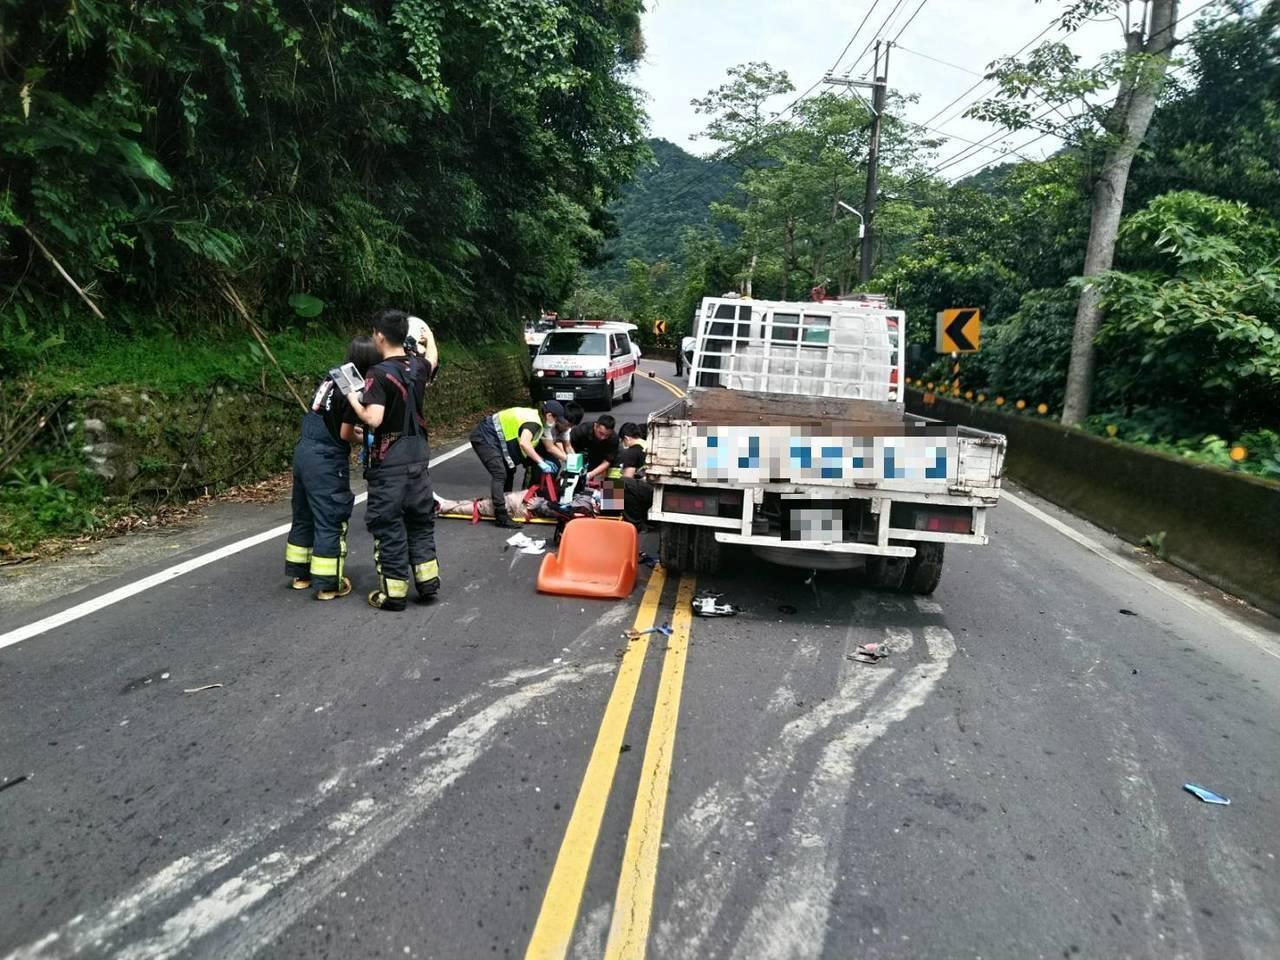 新北市石碇區今天發生一起重機車撞小貨車,導致機車騎士死亡的車禍意外,小貨車駕駛供...